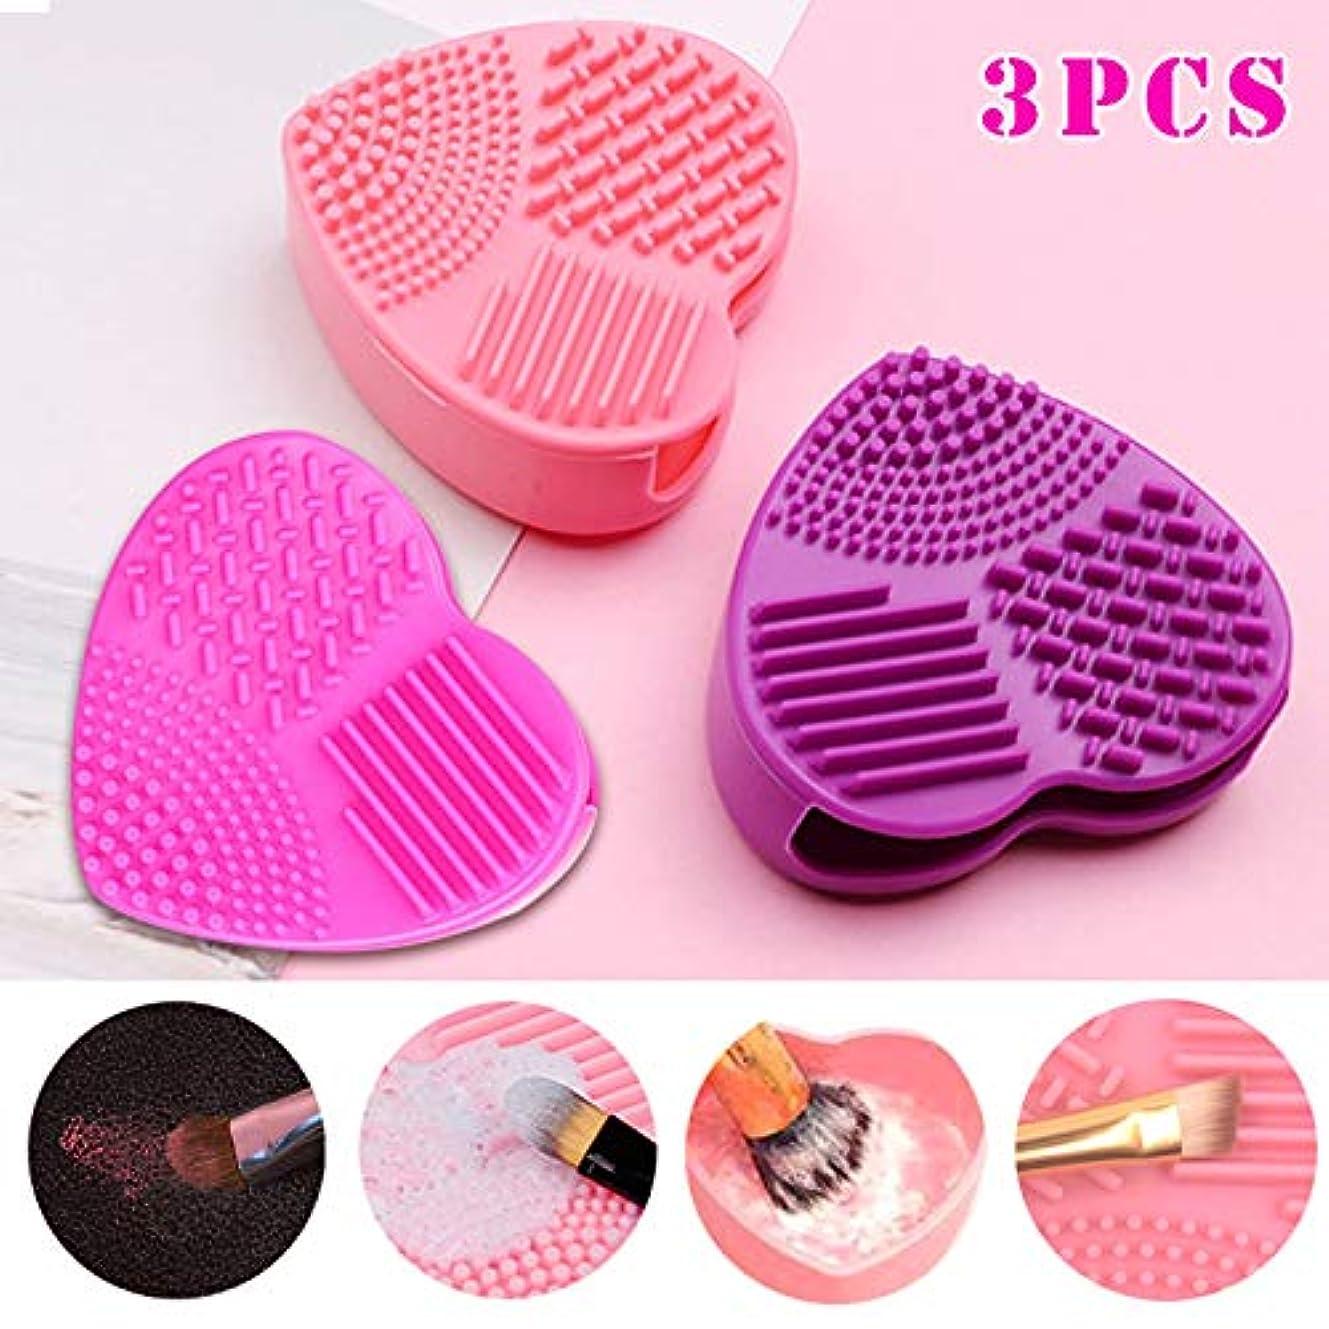 Symboat 3つのハート型の化粧ブラシのクリーニングパッド 洗浄ブラシ ピンクのハート形 化粧ブラシ用清掃パッド